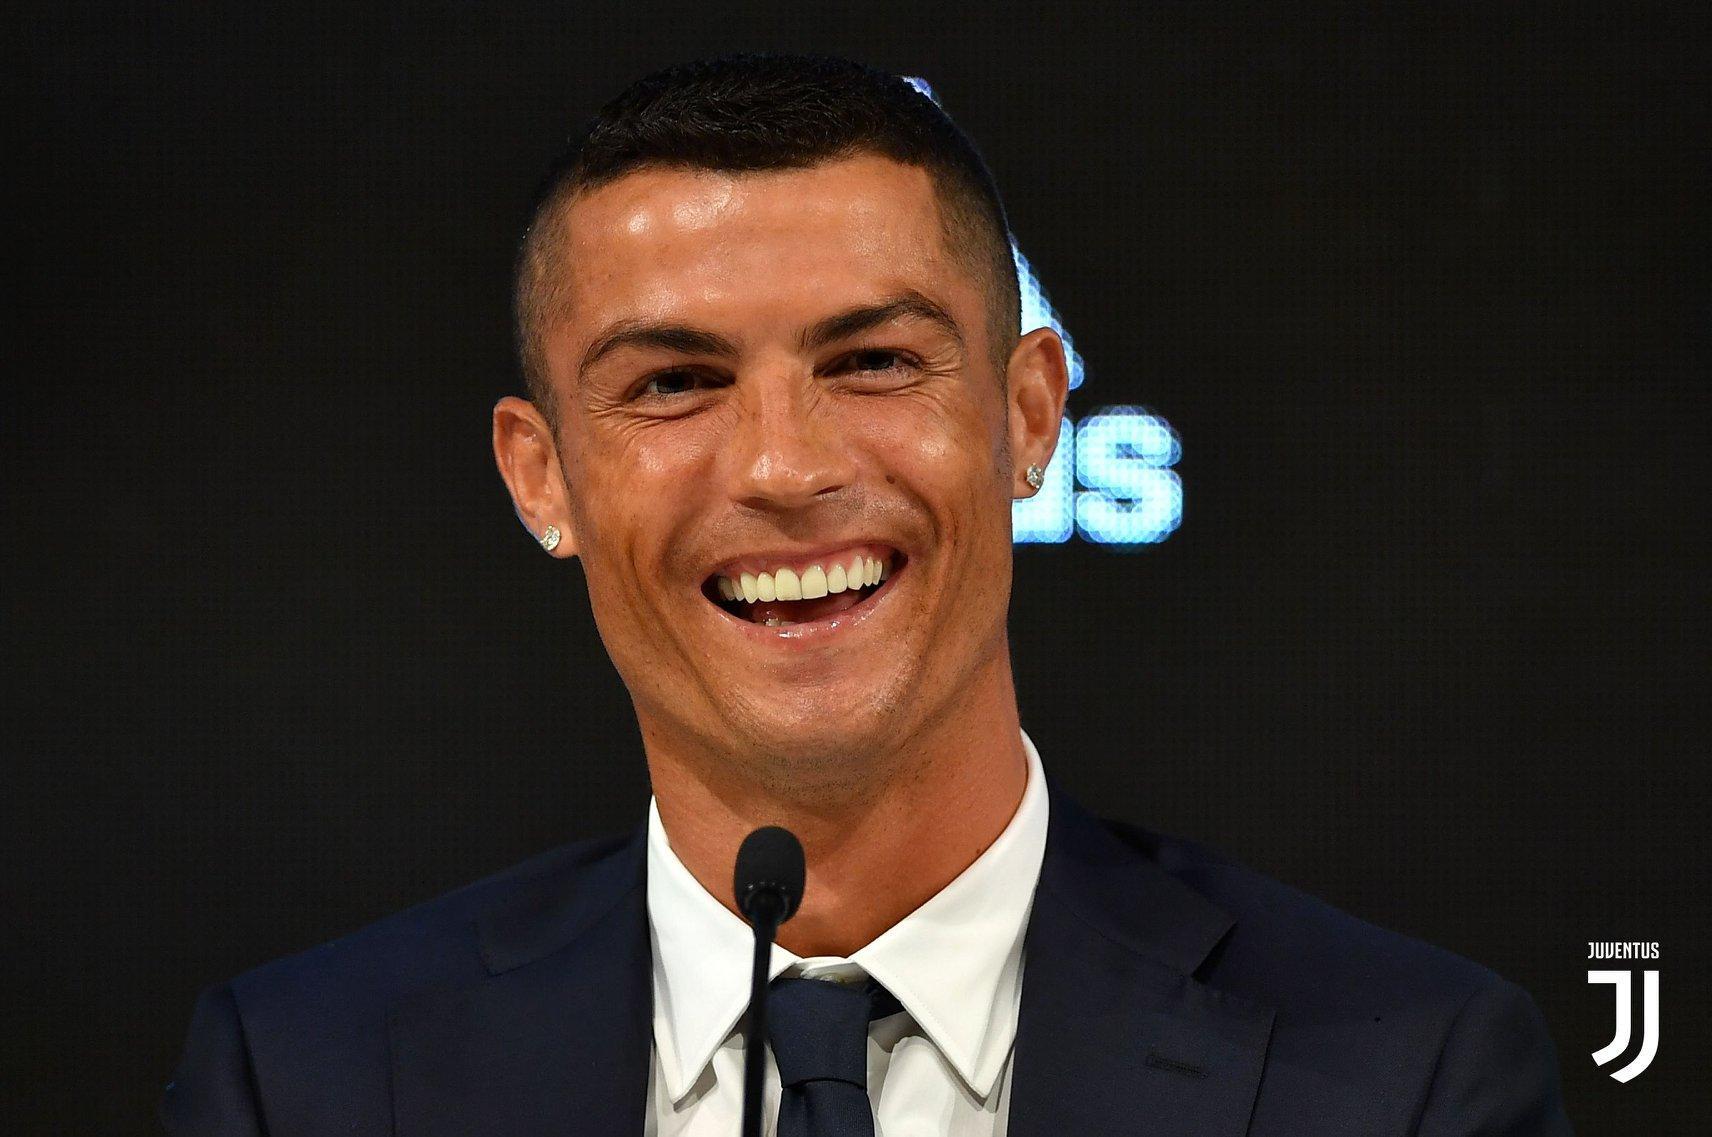 Mateo foi ao estádio ver o pai, Cristiano Ronaldo